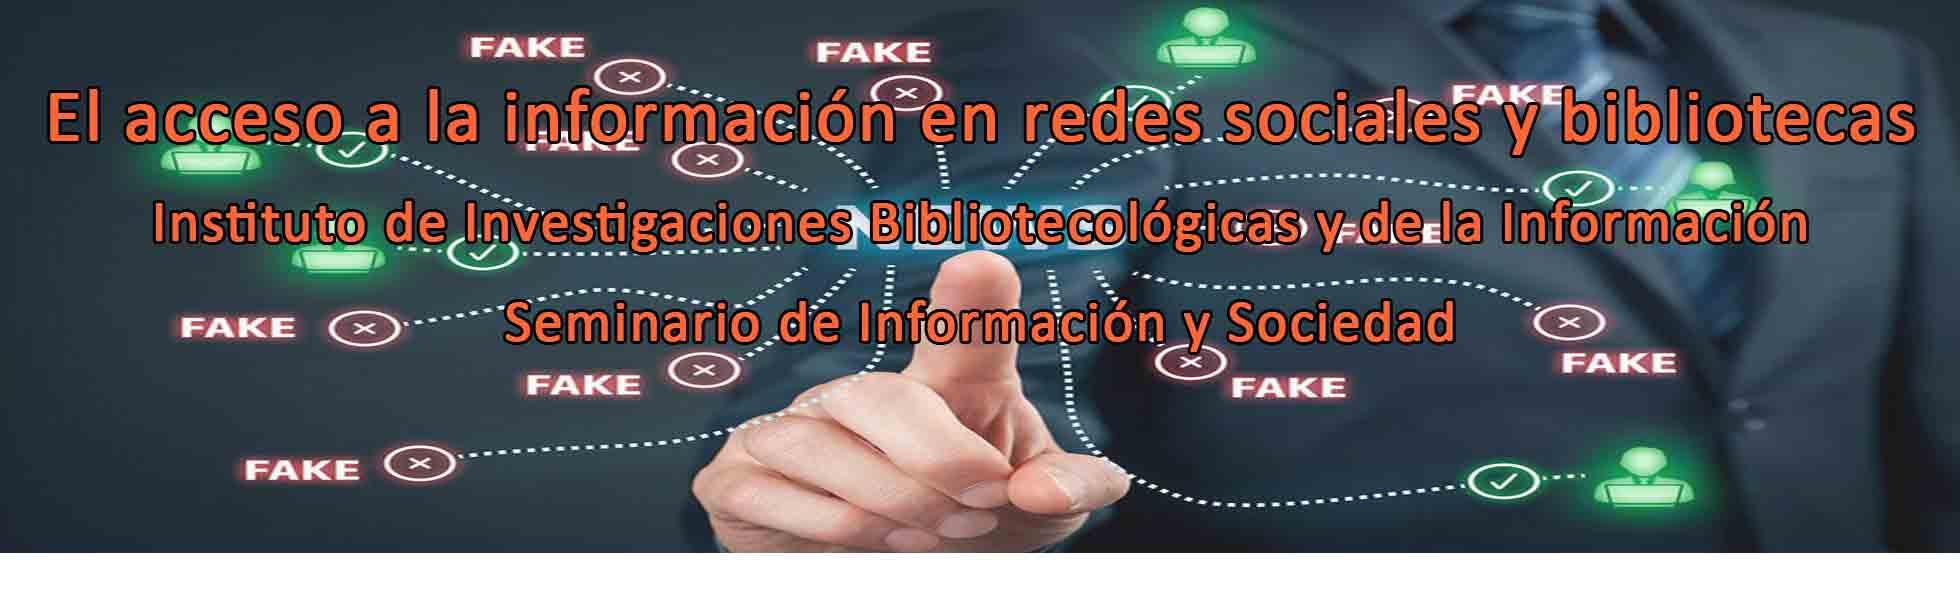 UNAM Global: El acceso a la información en redes sociales y bibliotecas